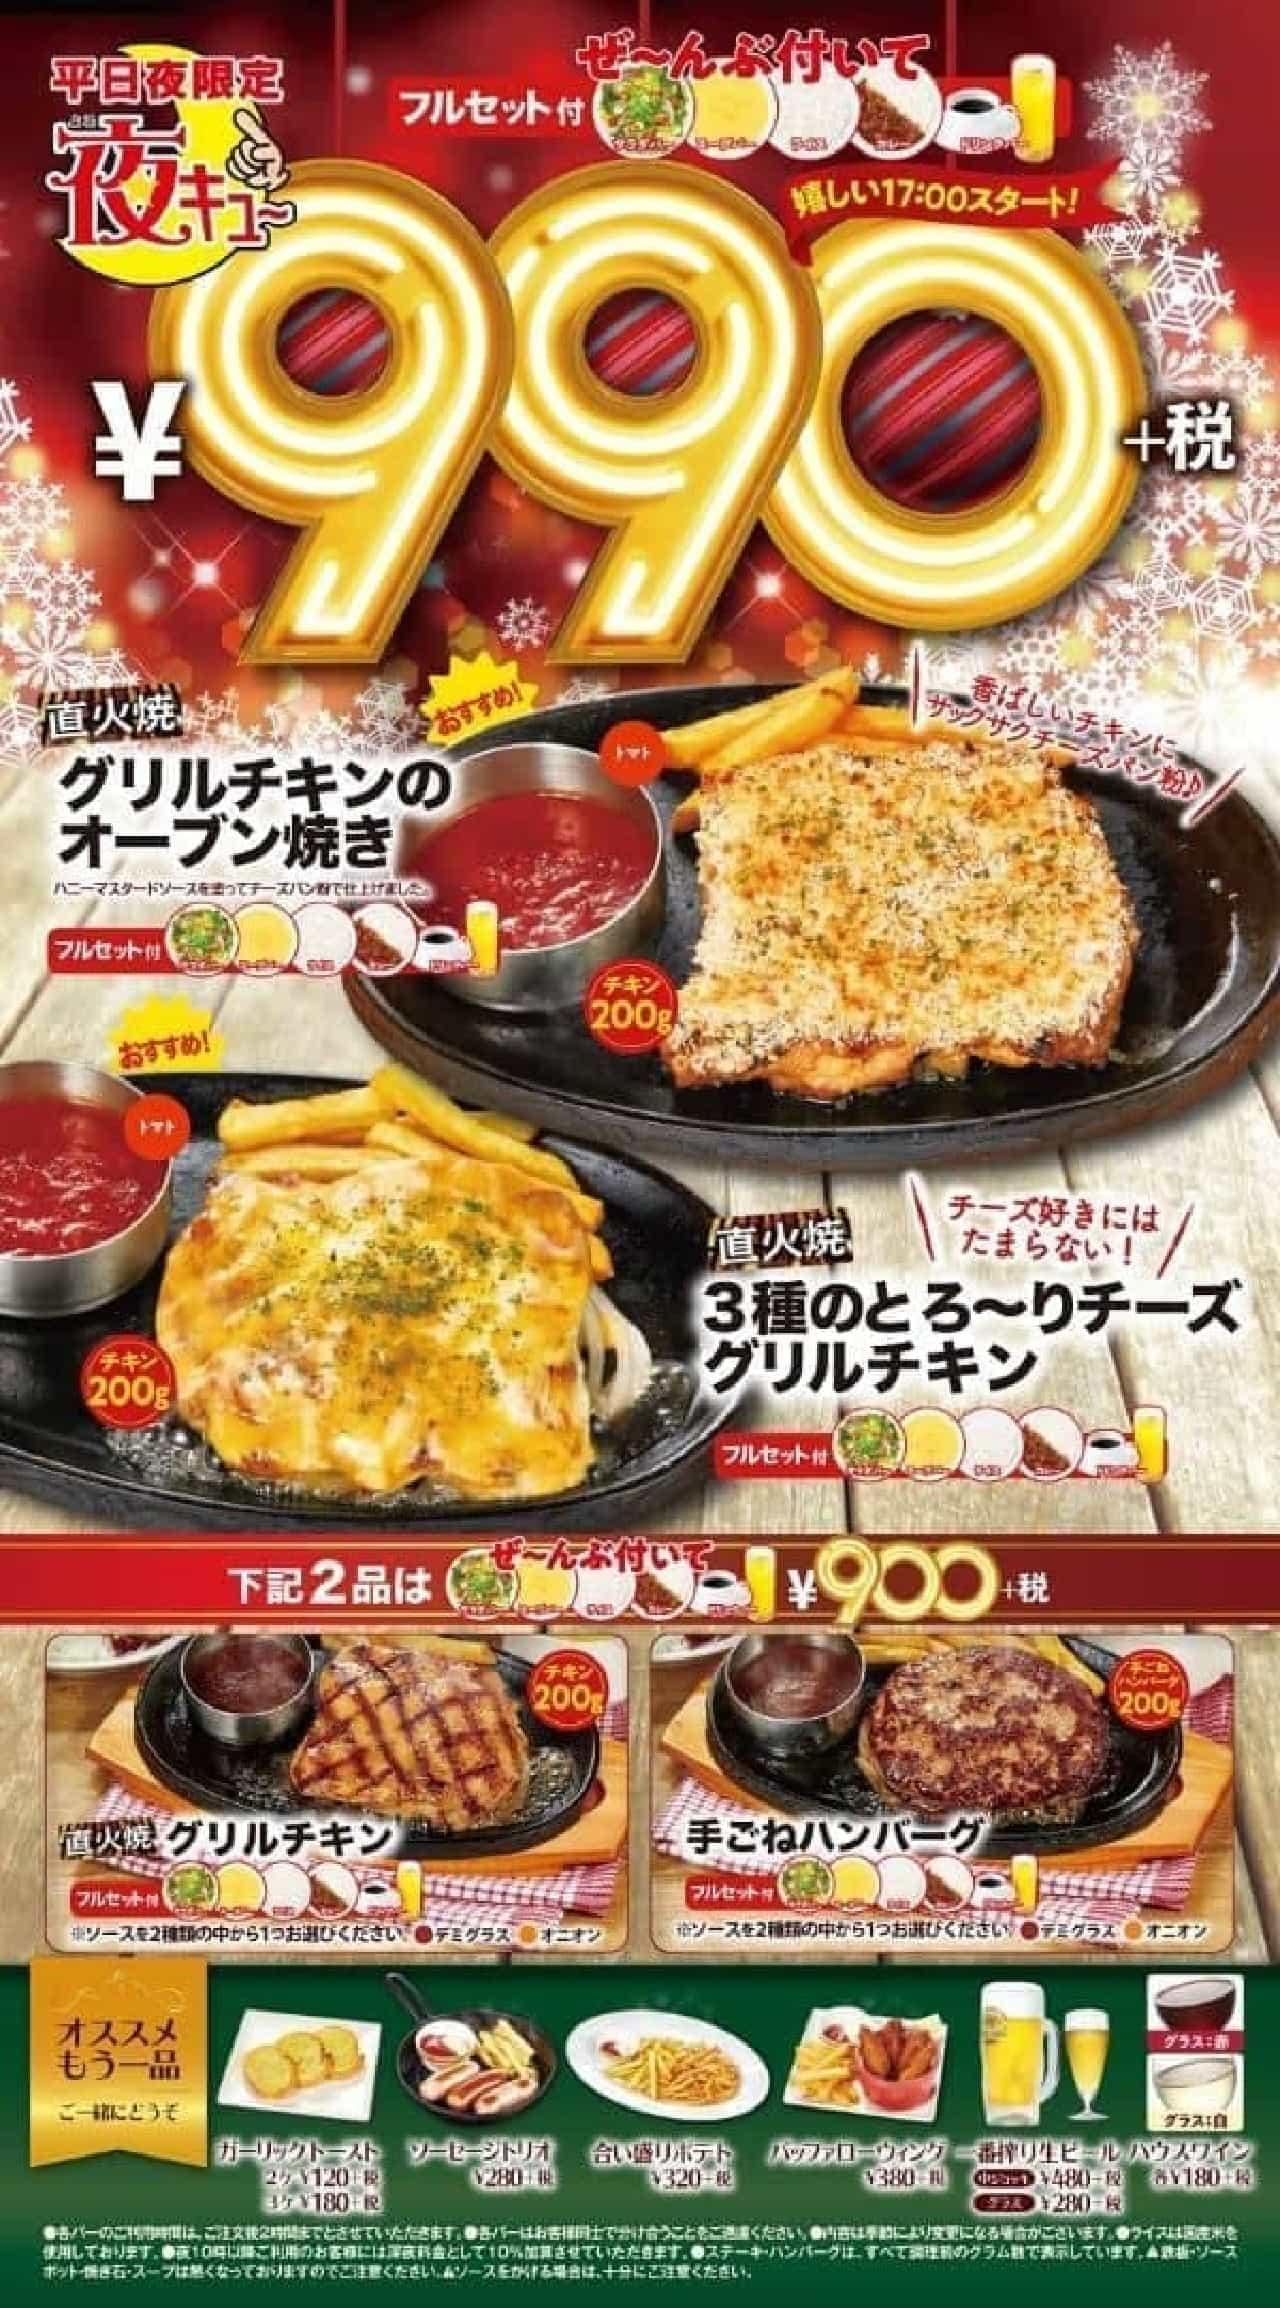 ビッグボーイ「夜キュー」の「直火焼グリルチキンのオーブン焼き」と「直火焼3種のとろ~りチーズグリルチキン」